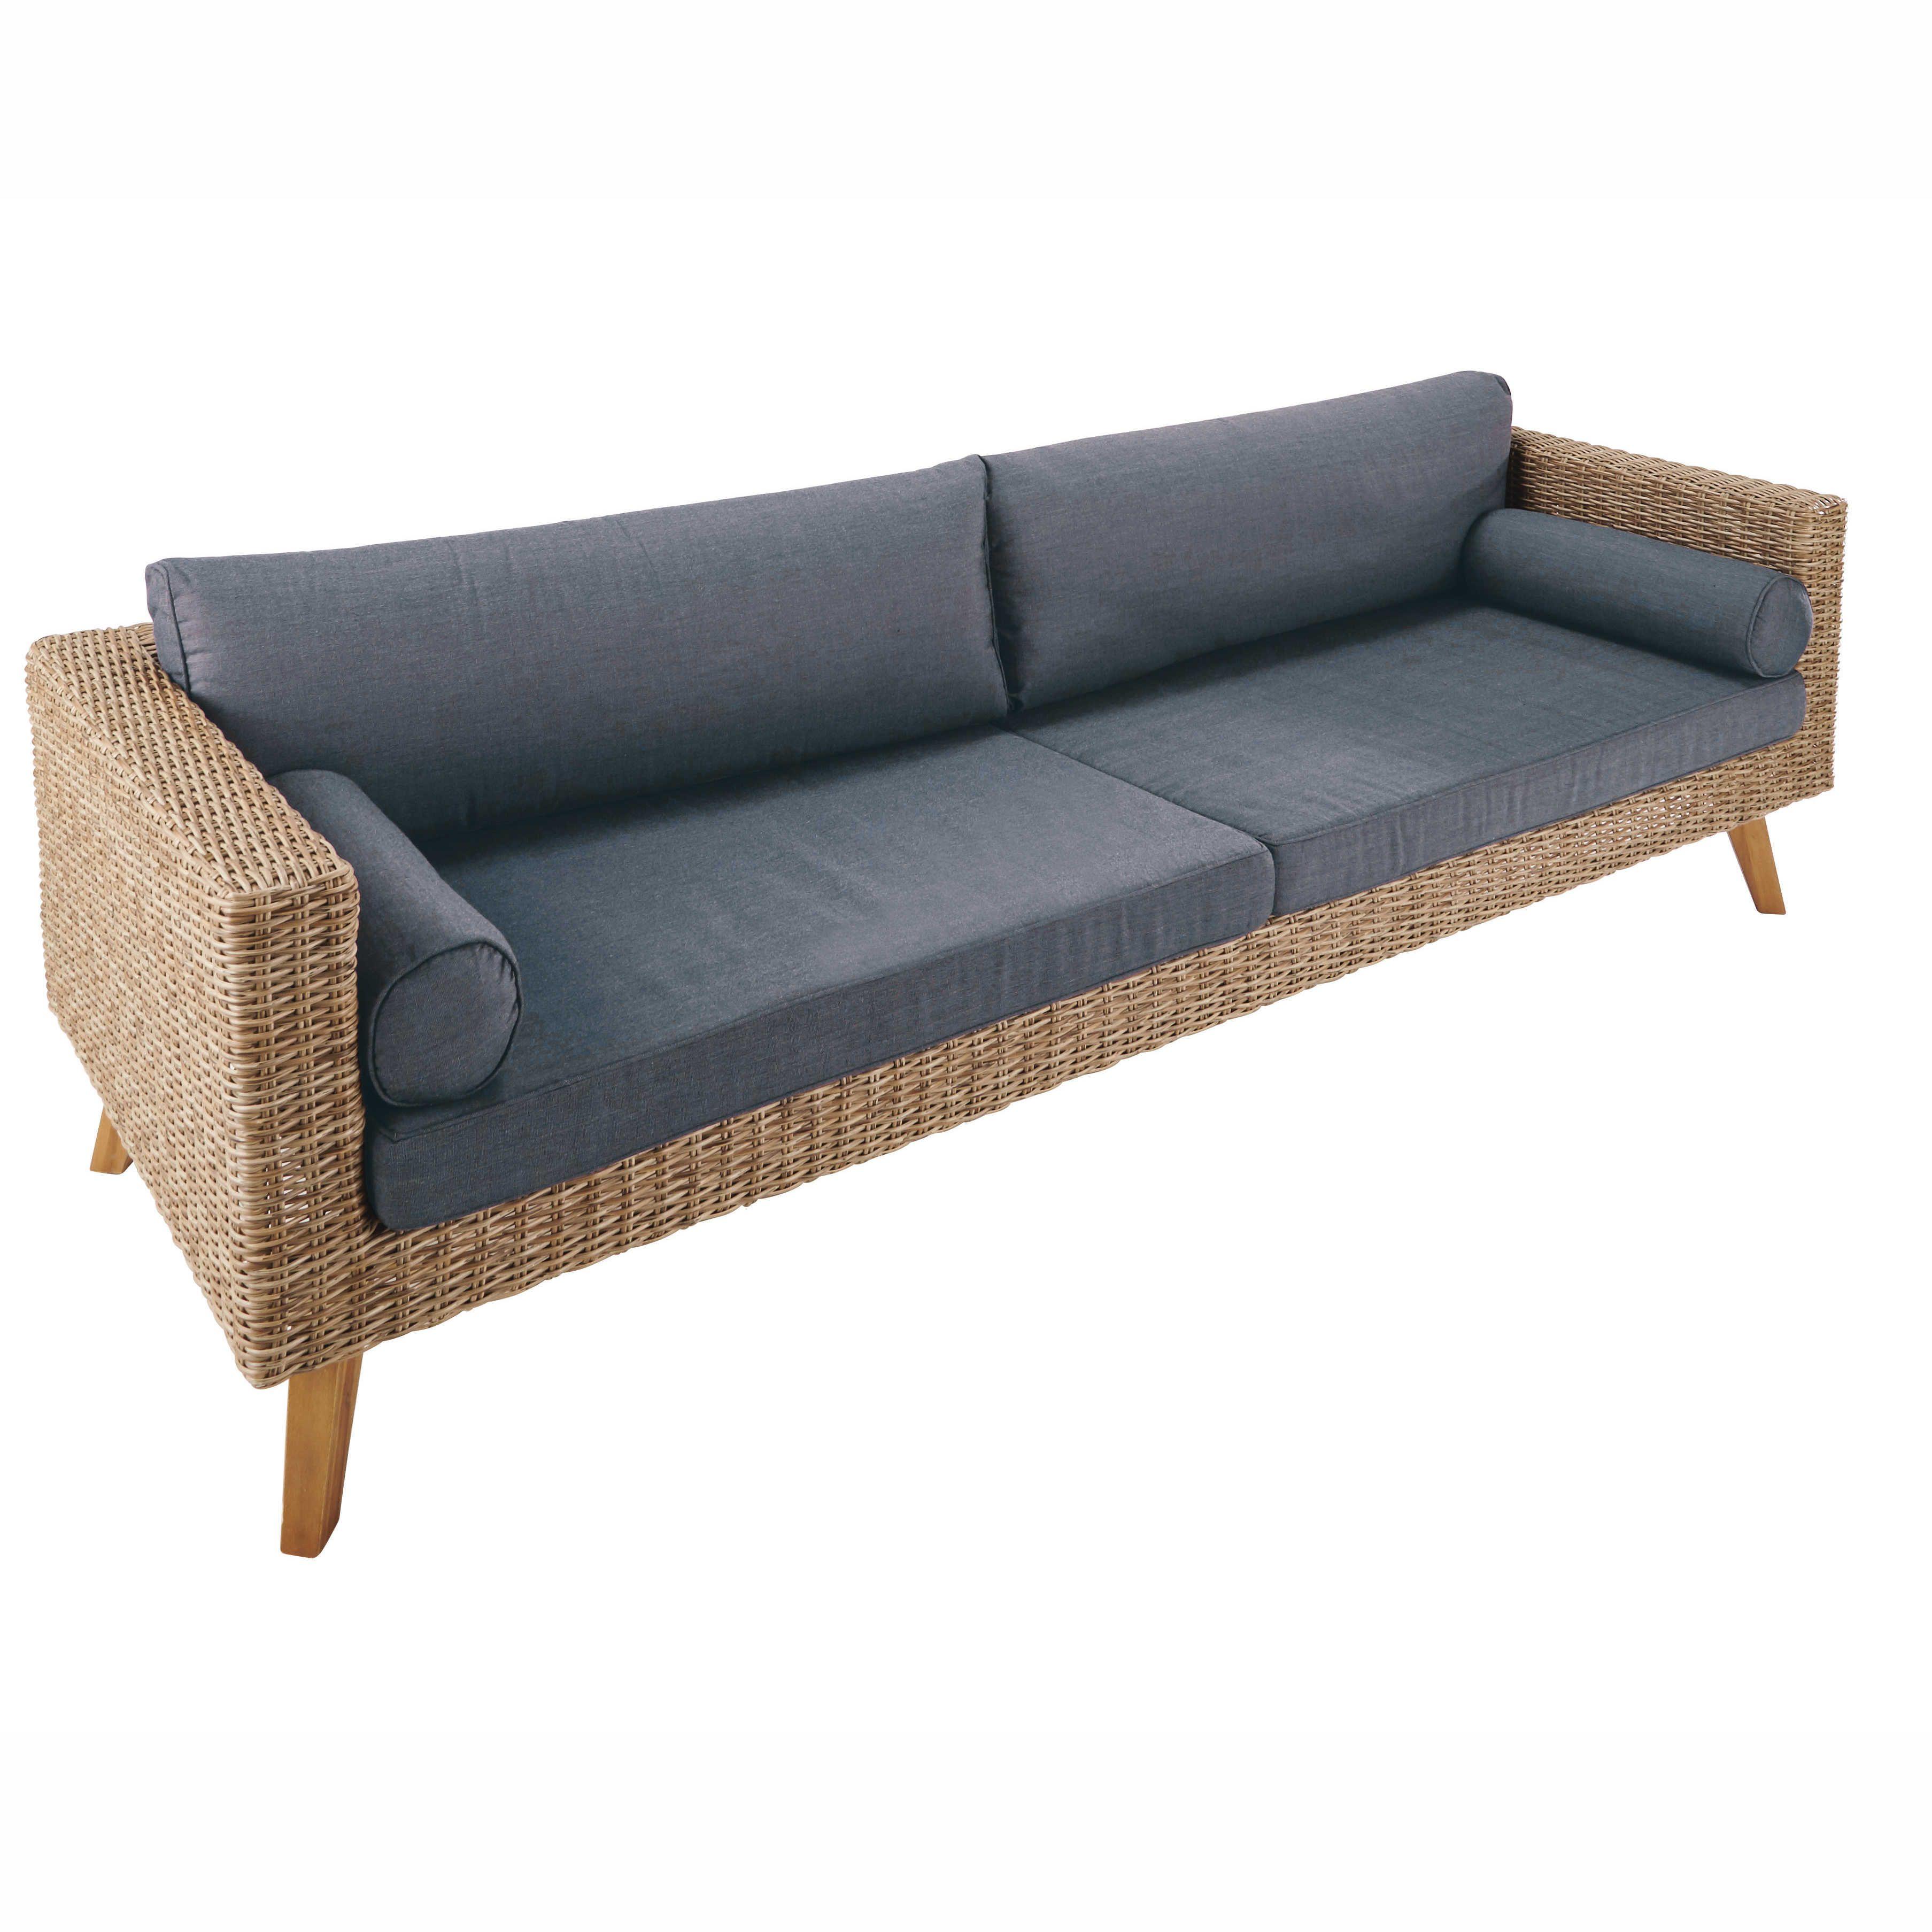 120d7033fef13ed249c1d83474a50064 Luxe De Salon De Jardin Allibert California Concept